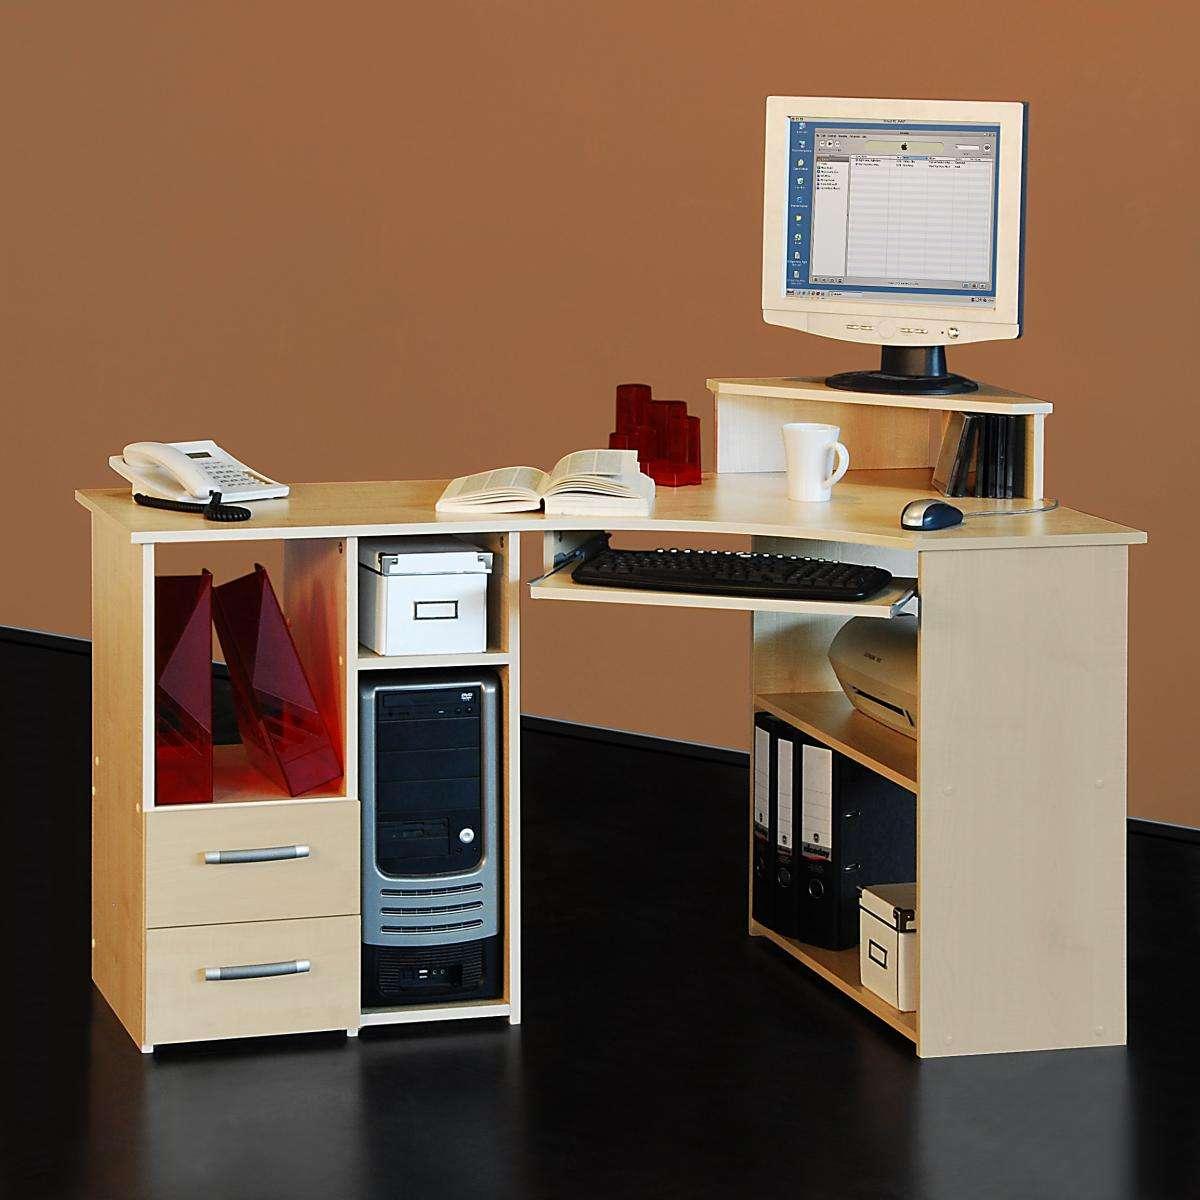 eck schreibtisch ahorn eckschreibtisch computertisch eckl sung tisch g nsitger ebay. Black Bedroom Furniture Sets. Home Design Ideas